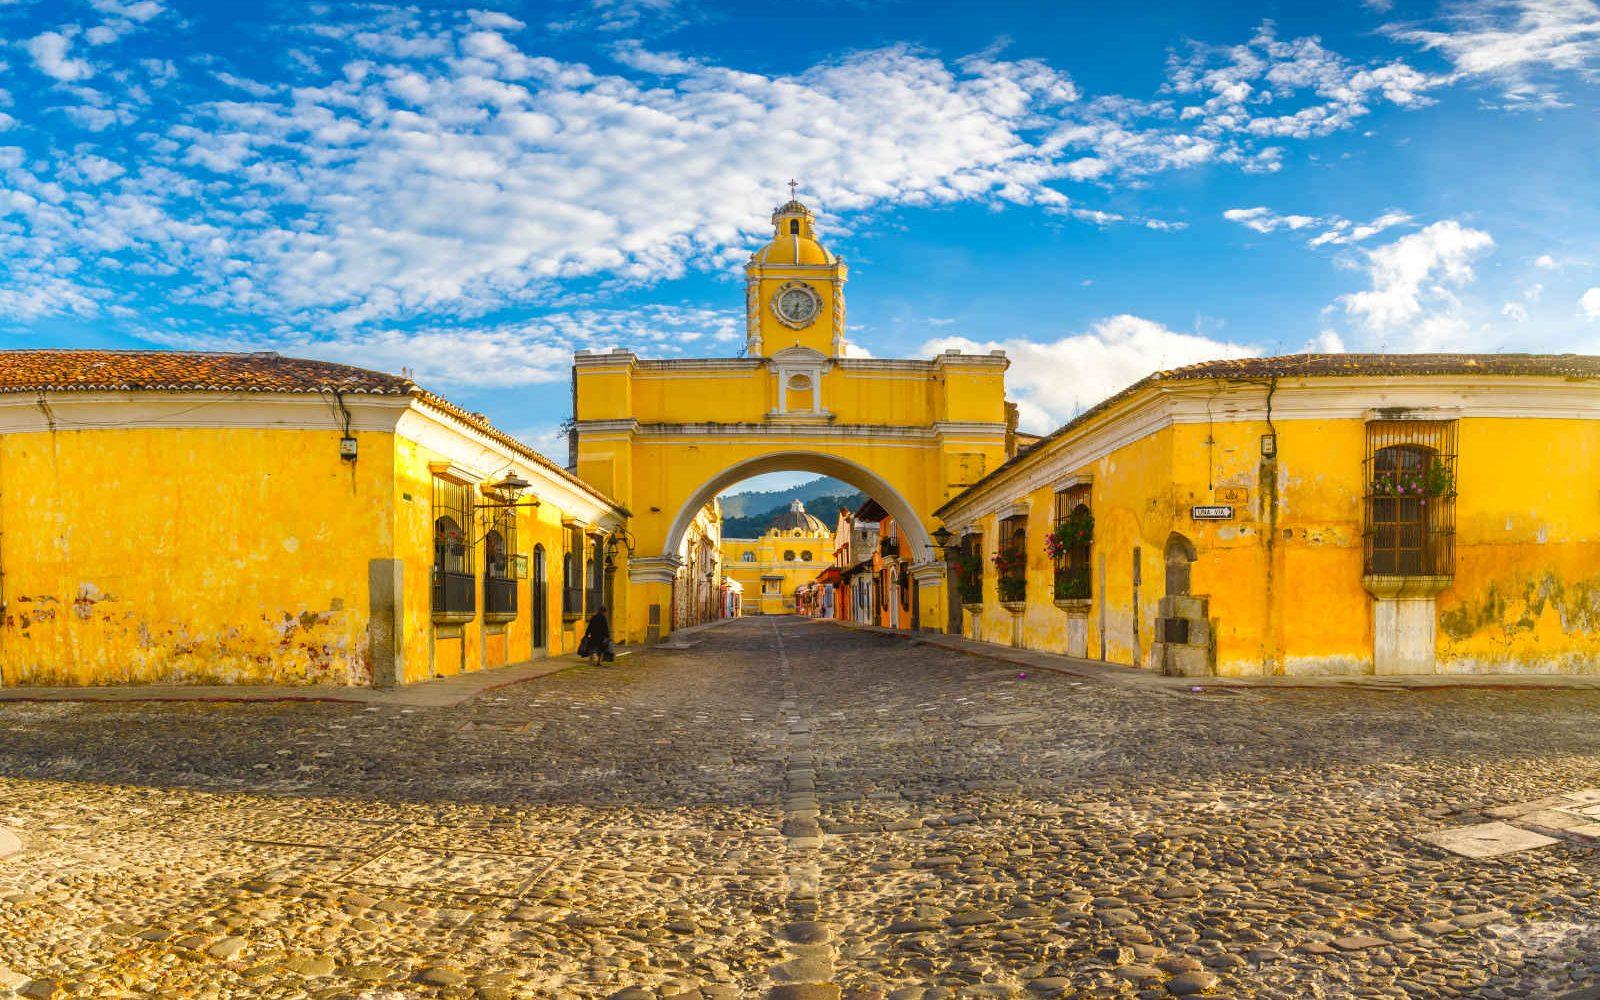 Arche de Santa Catalina,Antigua, Guatemala